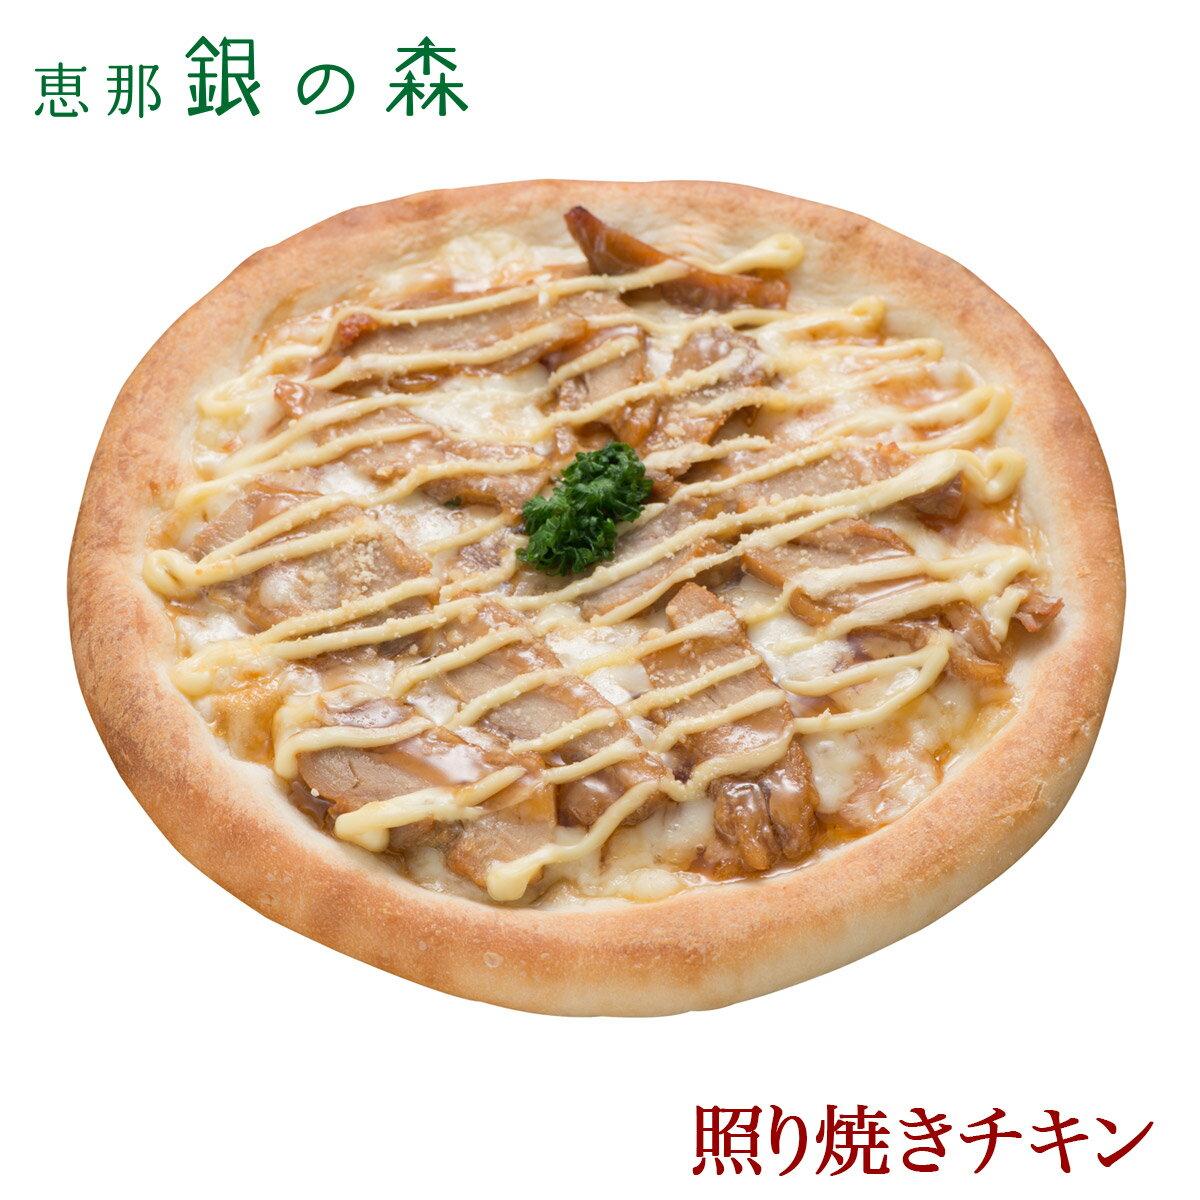 照焼き チキン ピザ 【冷凍ピザ pizza set 冷凍 ピッツァ】